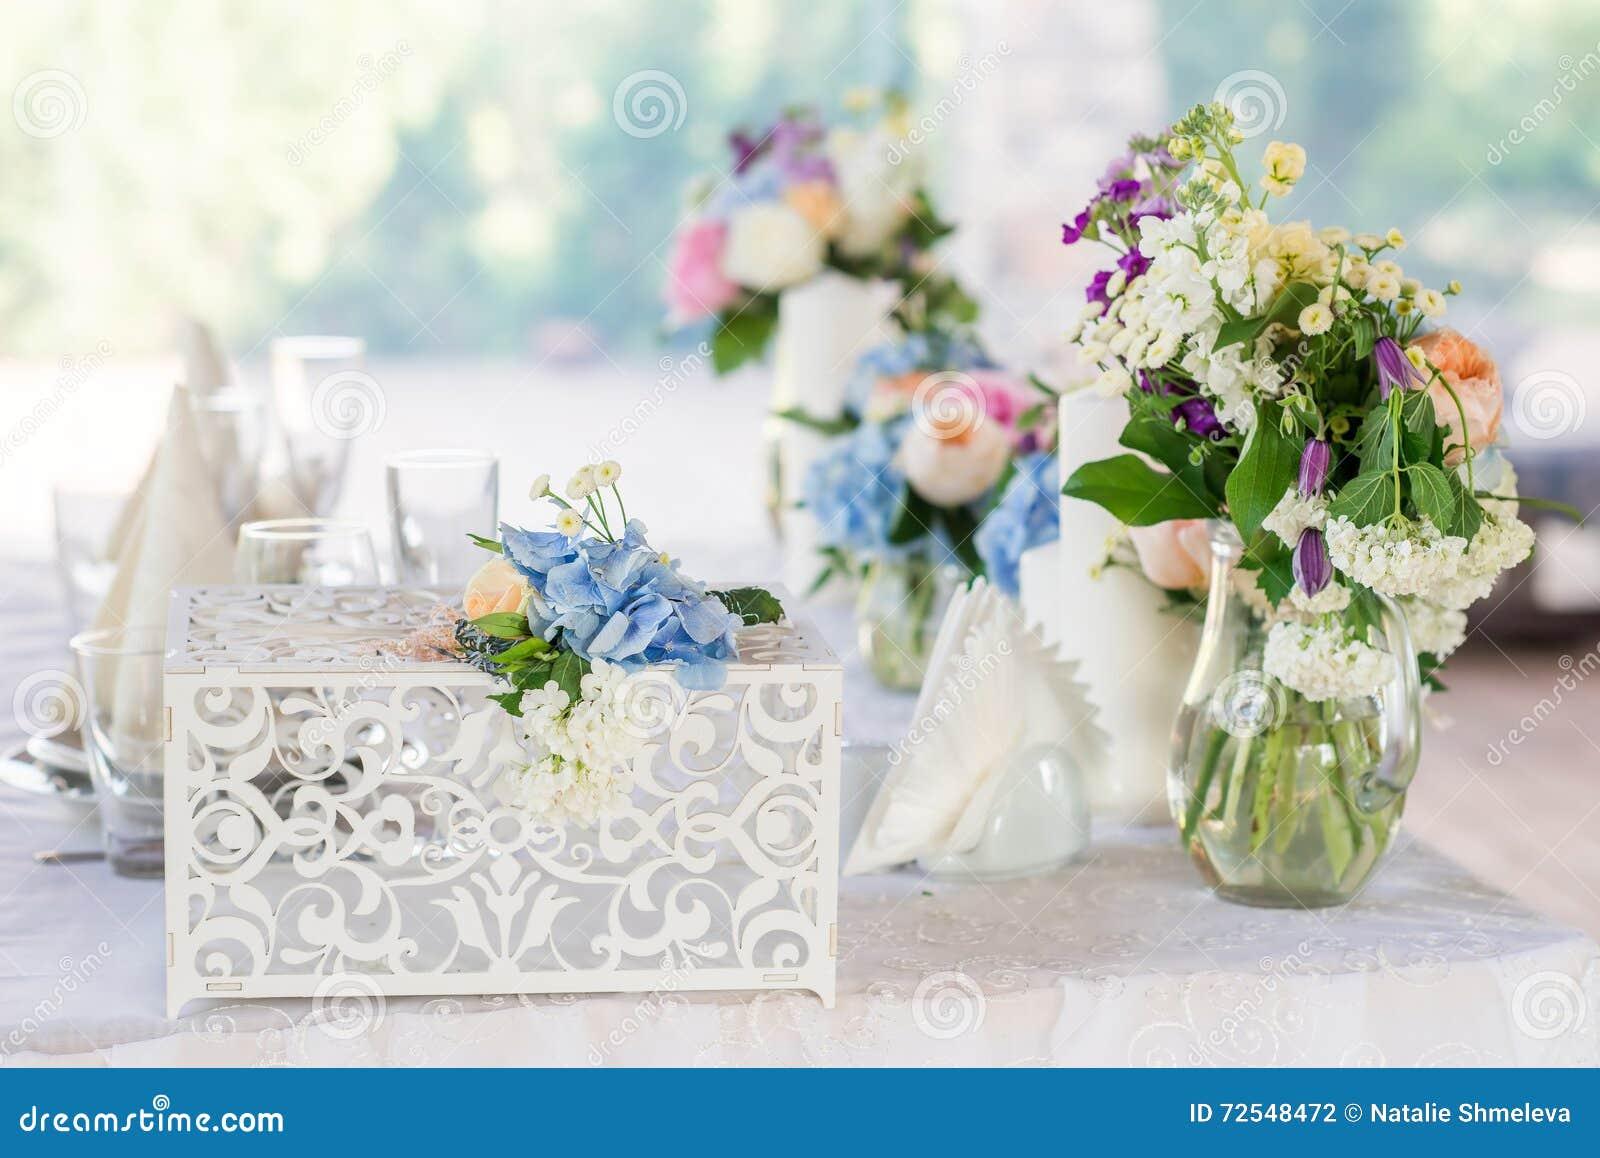 Ντεκόρ γαμήλιων πινάκων